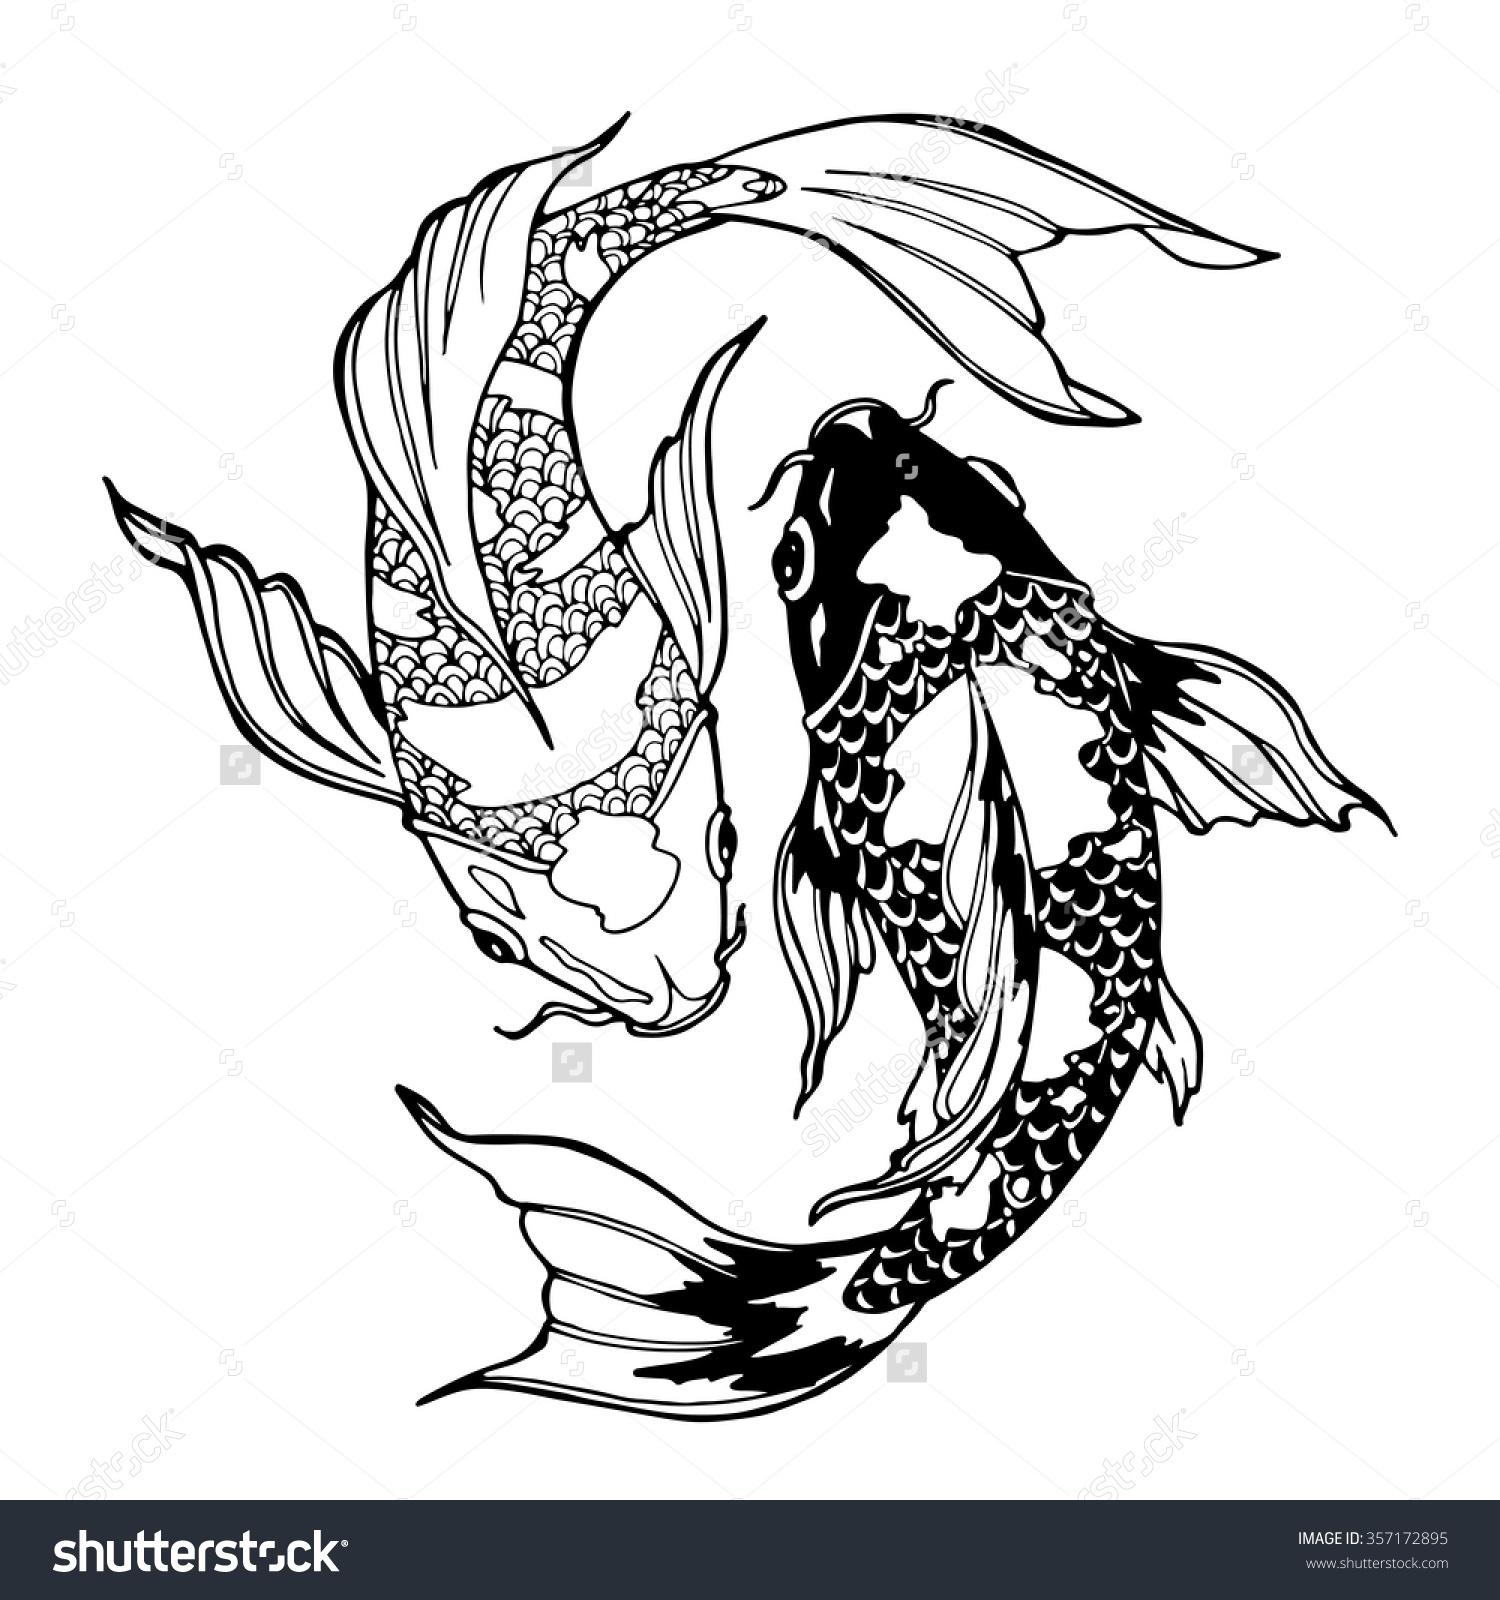 1500x1600 Illustration Of Koi Carp, Coloring Page, Yin Yang